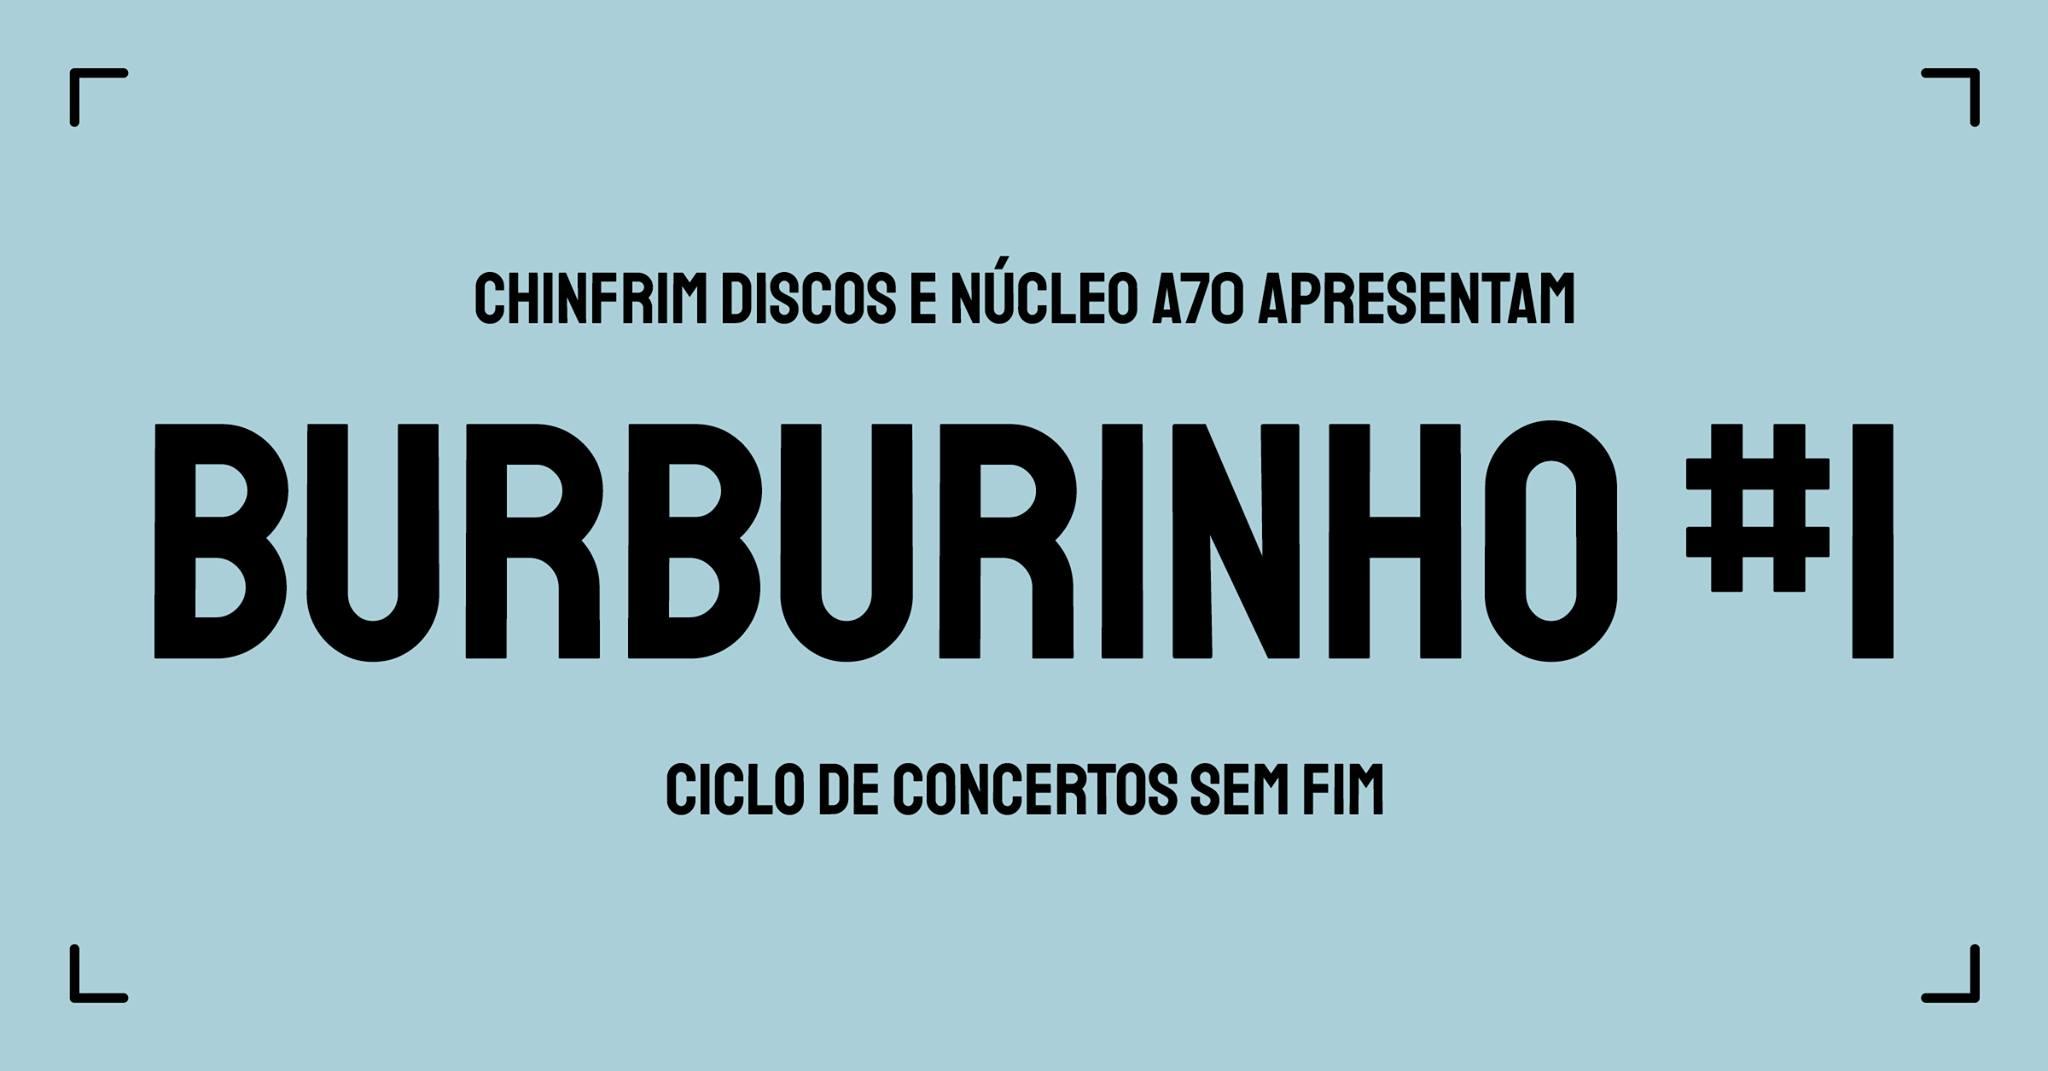 Burburinho #1